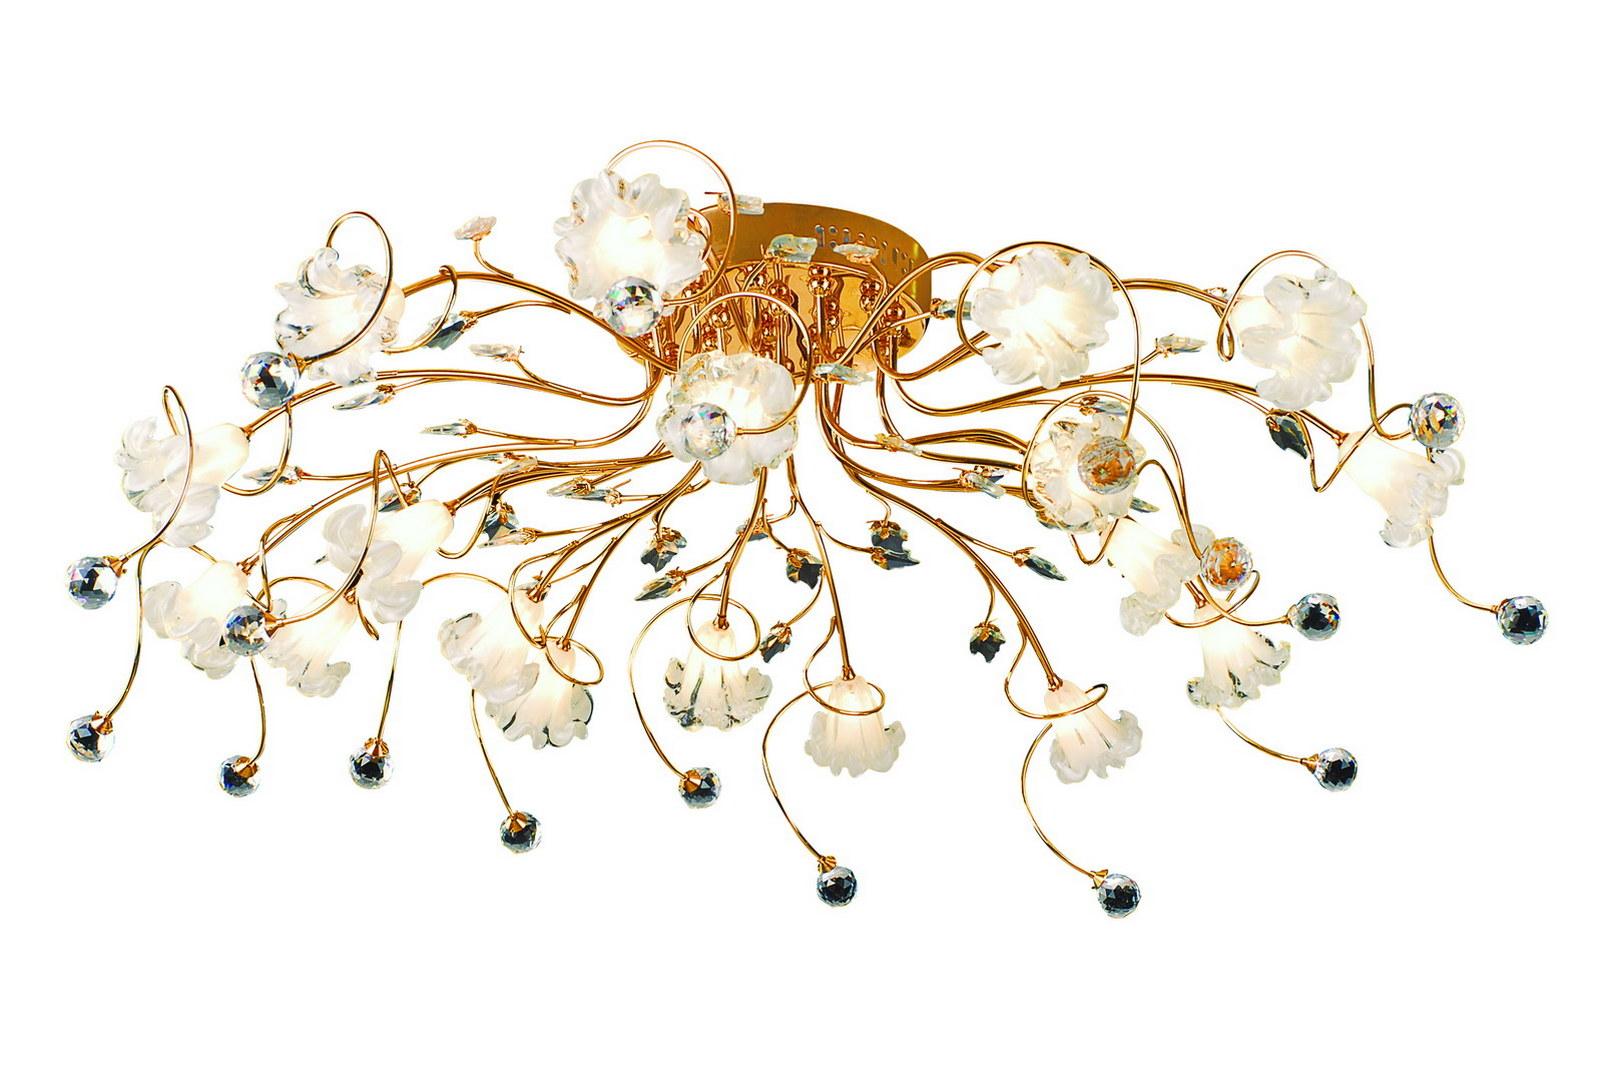 Люстра МАКСИСВЕТЛюстры<br>Назначение светильника: для гостиной,<br>Стиль светильника: флористика,<br>Тип: потолочная,<br>Материал светильника: металл, стекло,<br>Материал плафона: стекло,<br>Материал арматуры: металл,<br>Длина (мм): 980,<br>Ширина: 980,<br>Высота: 250,<br>Количество ламп: 18,<br>Тип лампы: галогенные и светодиодные,<br>Мощность: 20,<br>Патрон: G4,<br>Пульт ДУ: есть,<br>Цвет арматуры: золото<br>